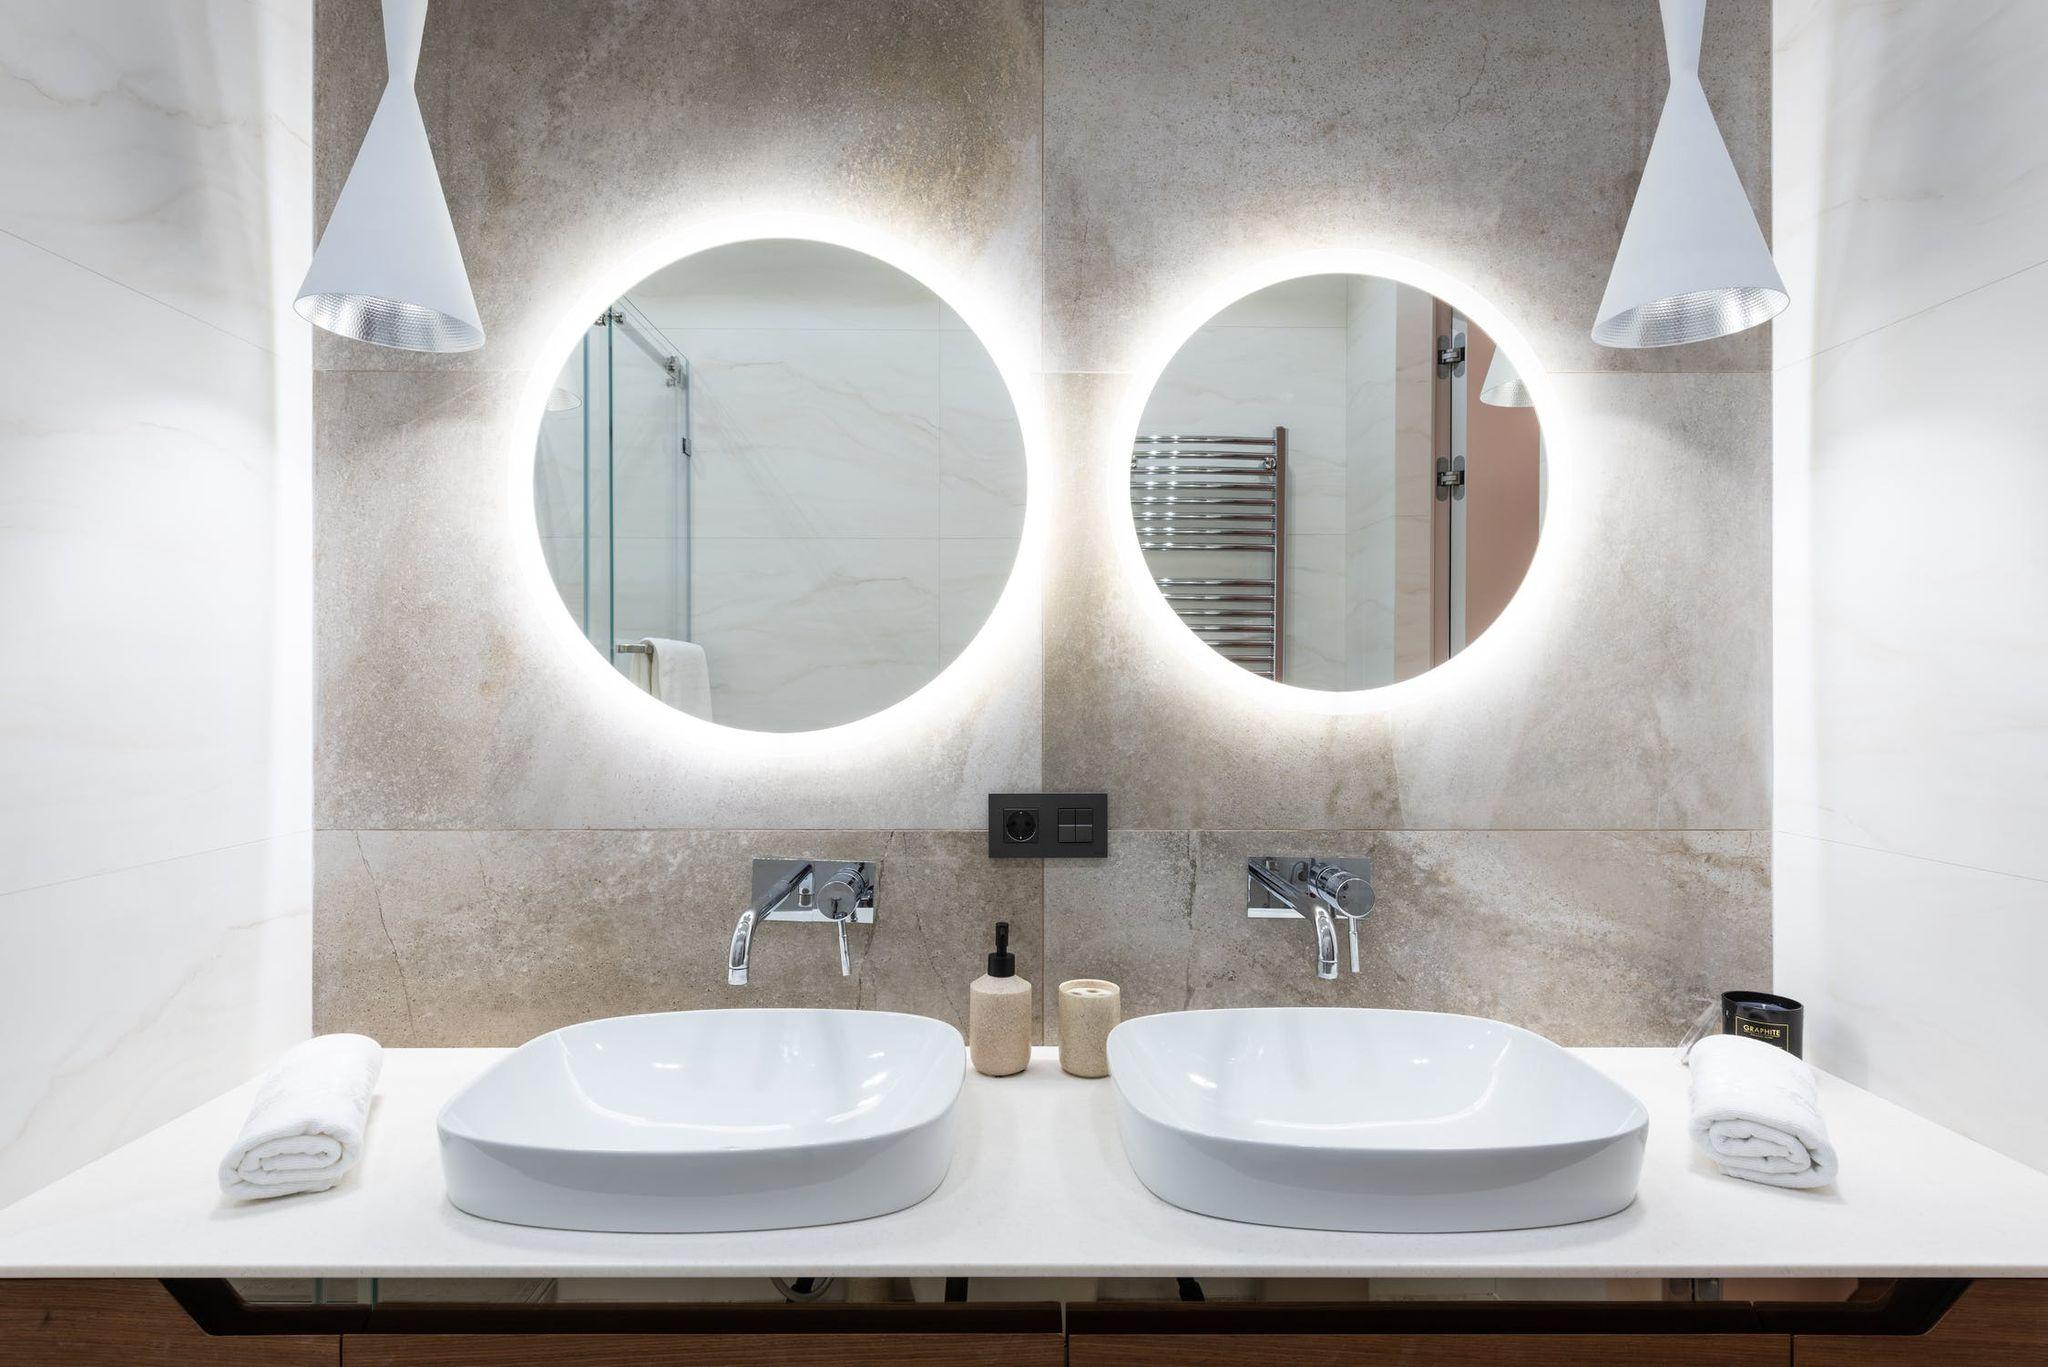 Quel revêtement choisir pour bien décorer sa douche?